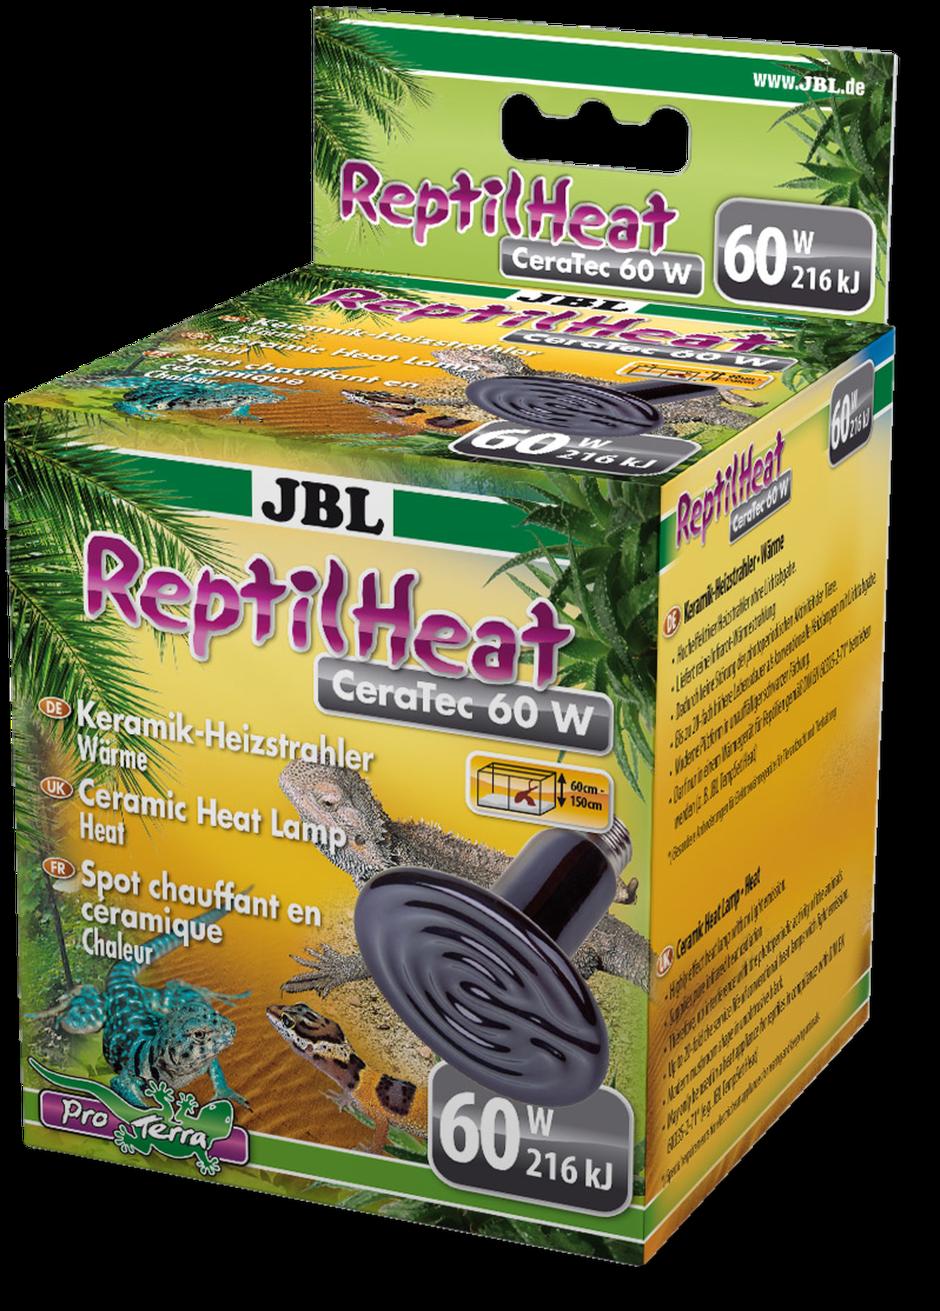 JBL ReptilHeat 60W